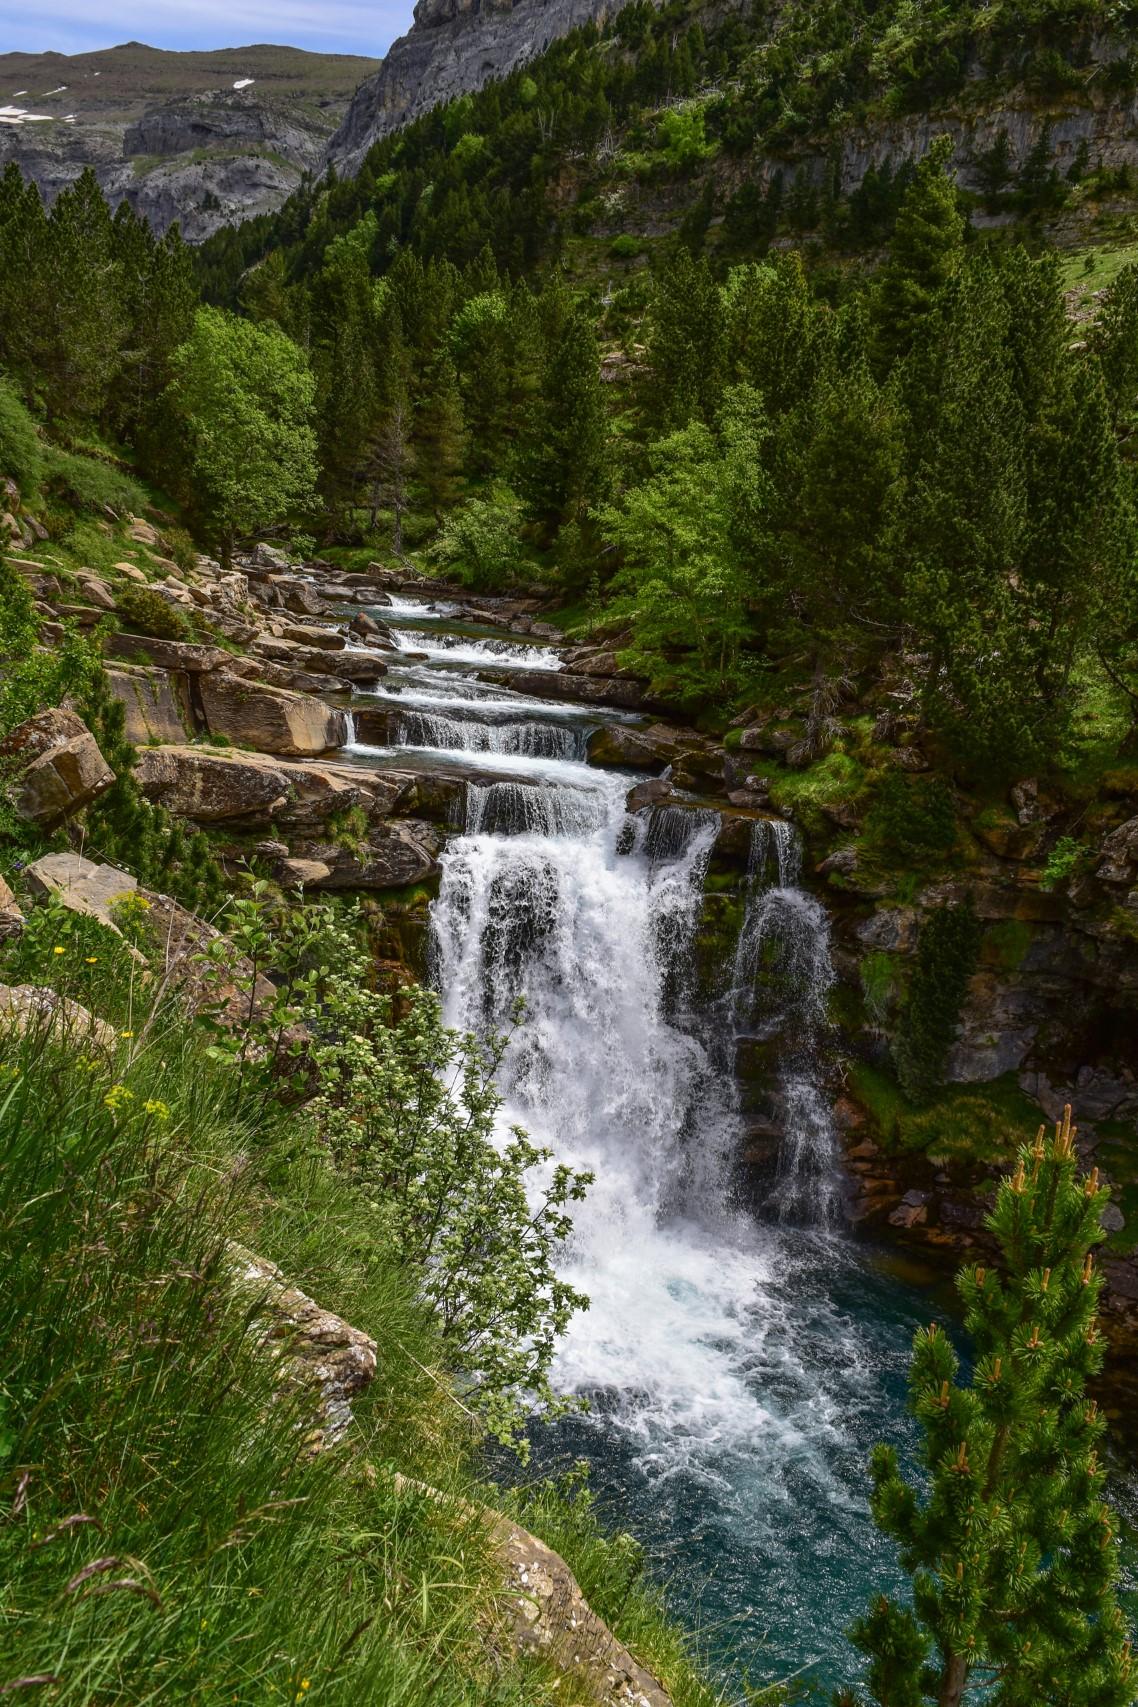 Wasserfall in der Ordesa-Schlucht